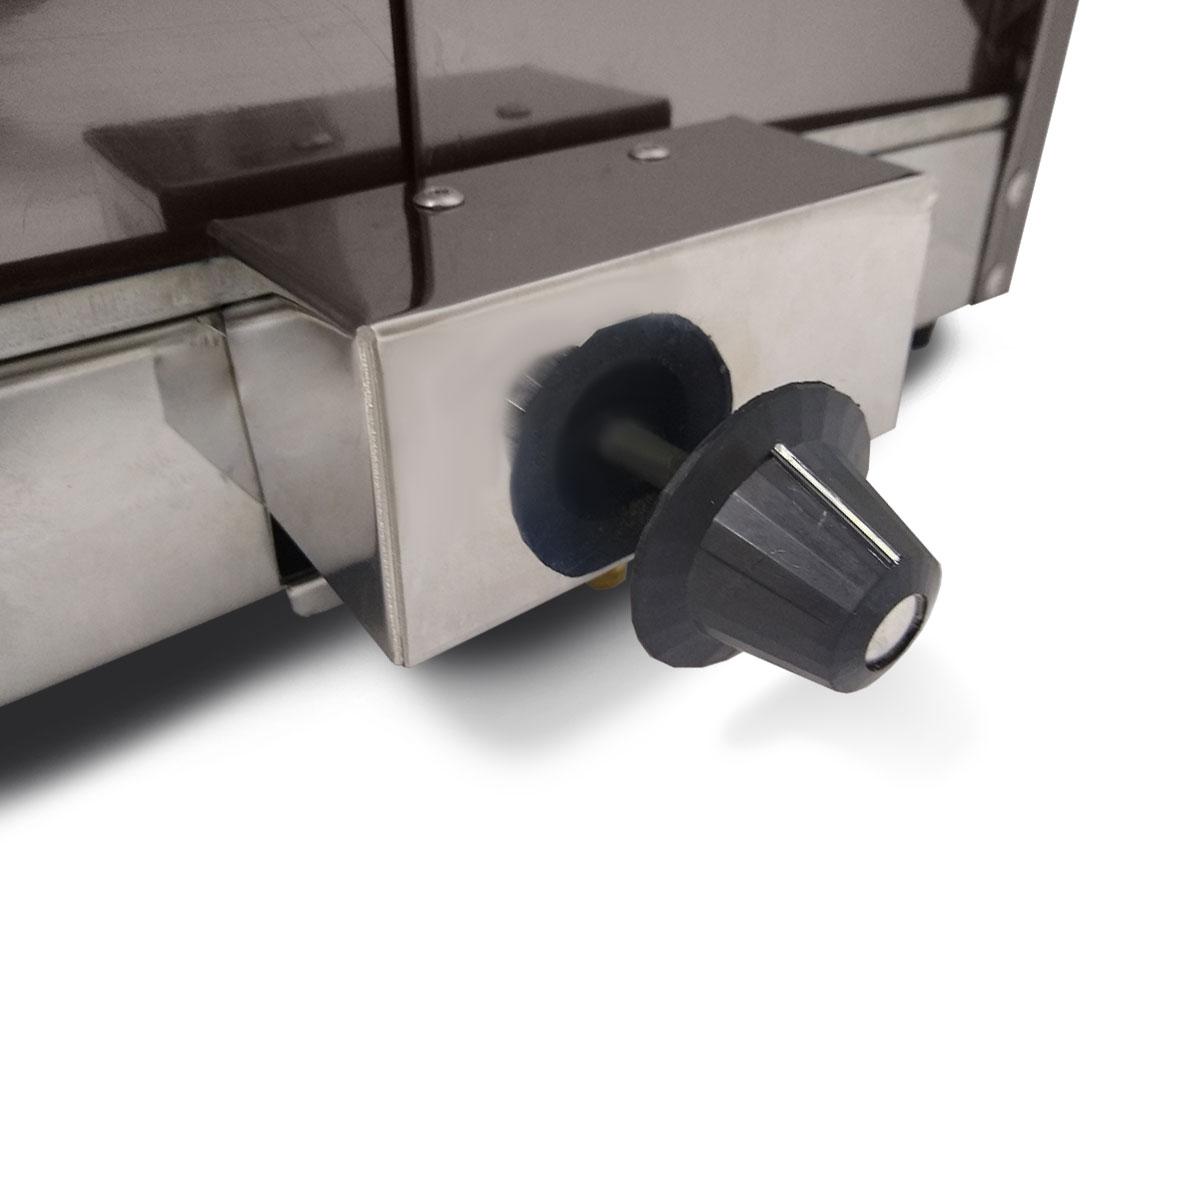 Estufa Para Salgados 2 Bandejas Aquecedor de Salgados Vidro Curvo a Gás - Supritecs Equipamentos  - Carmel Equipamentos